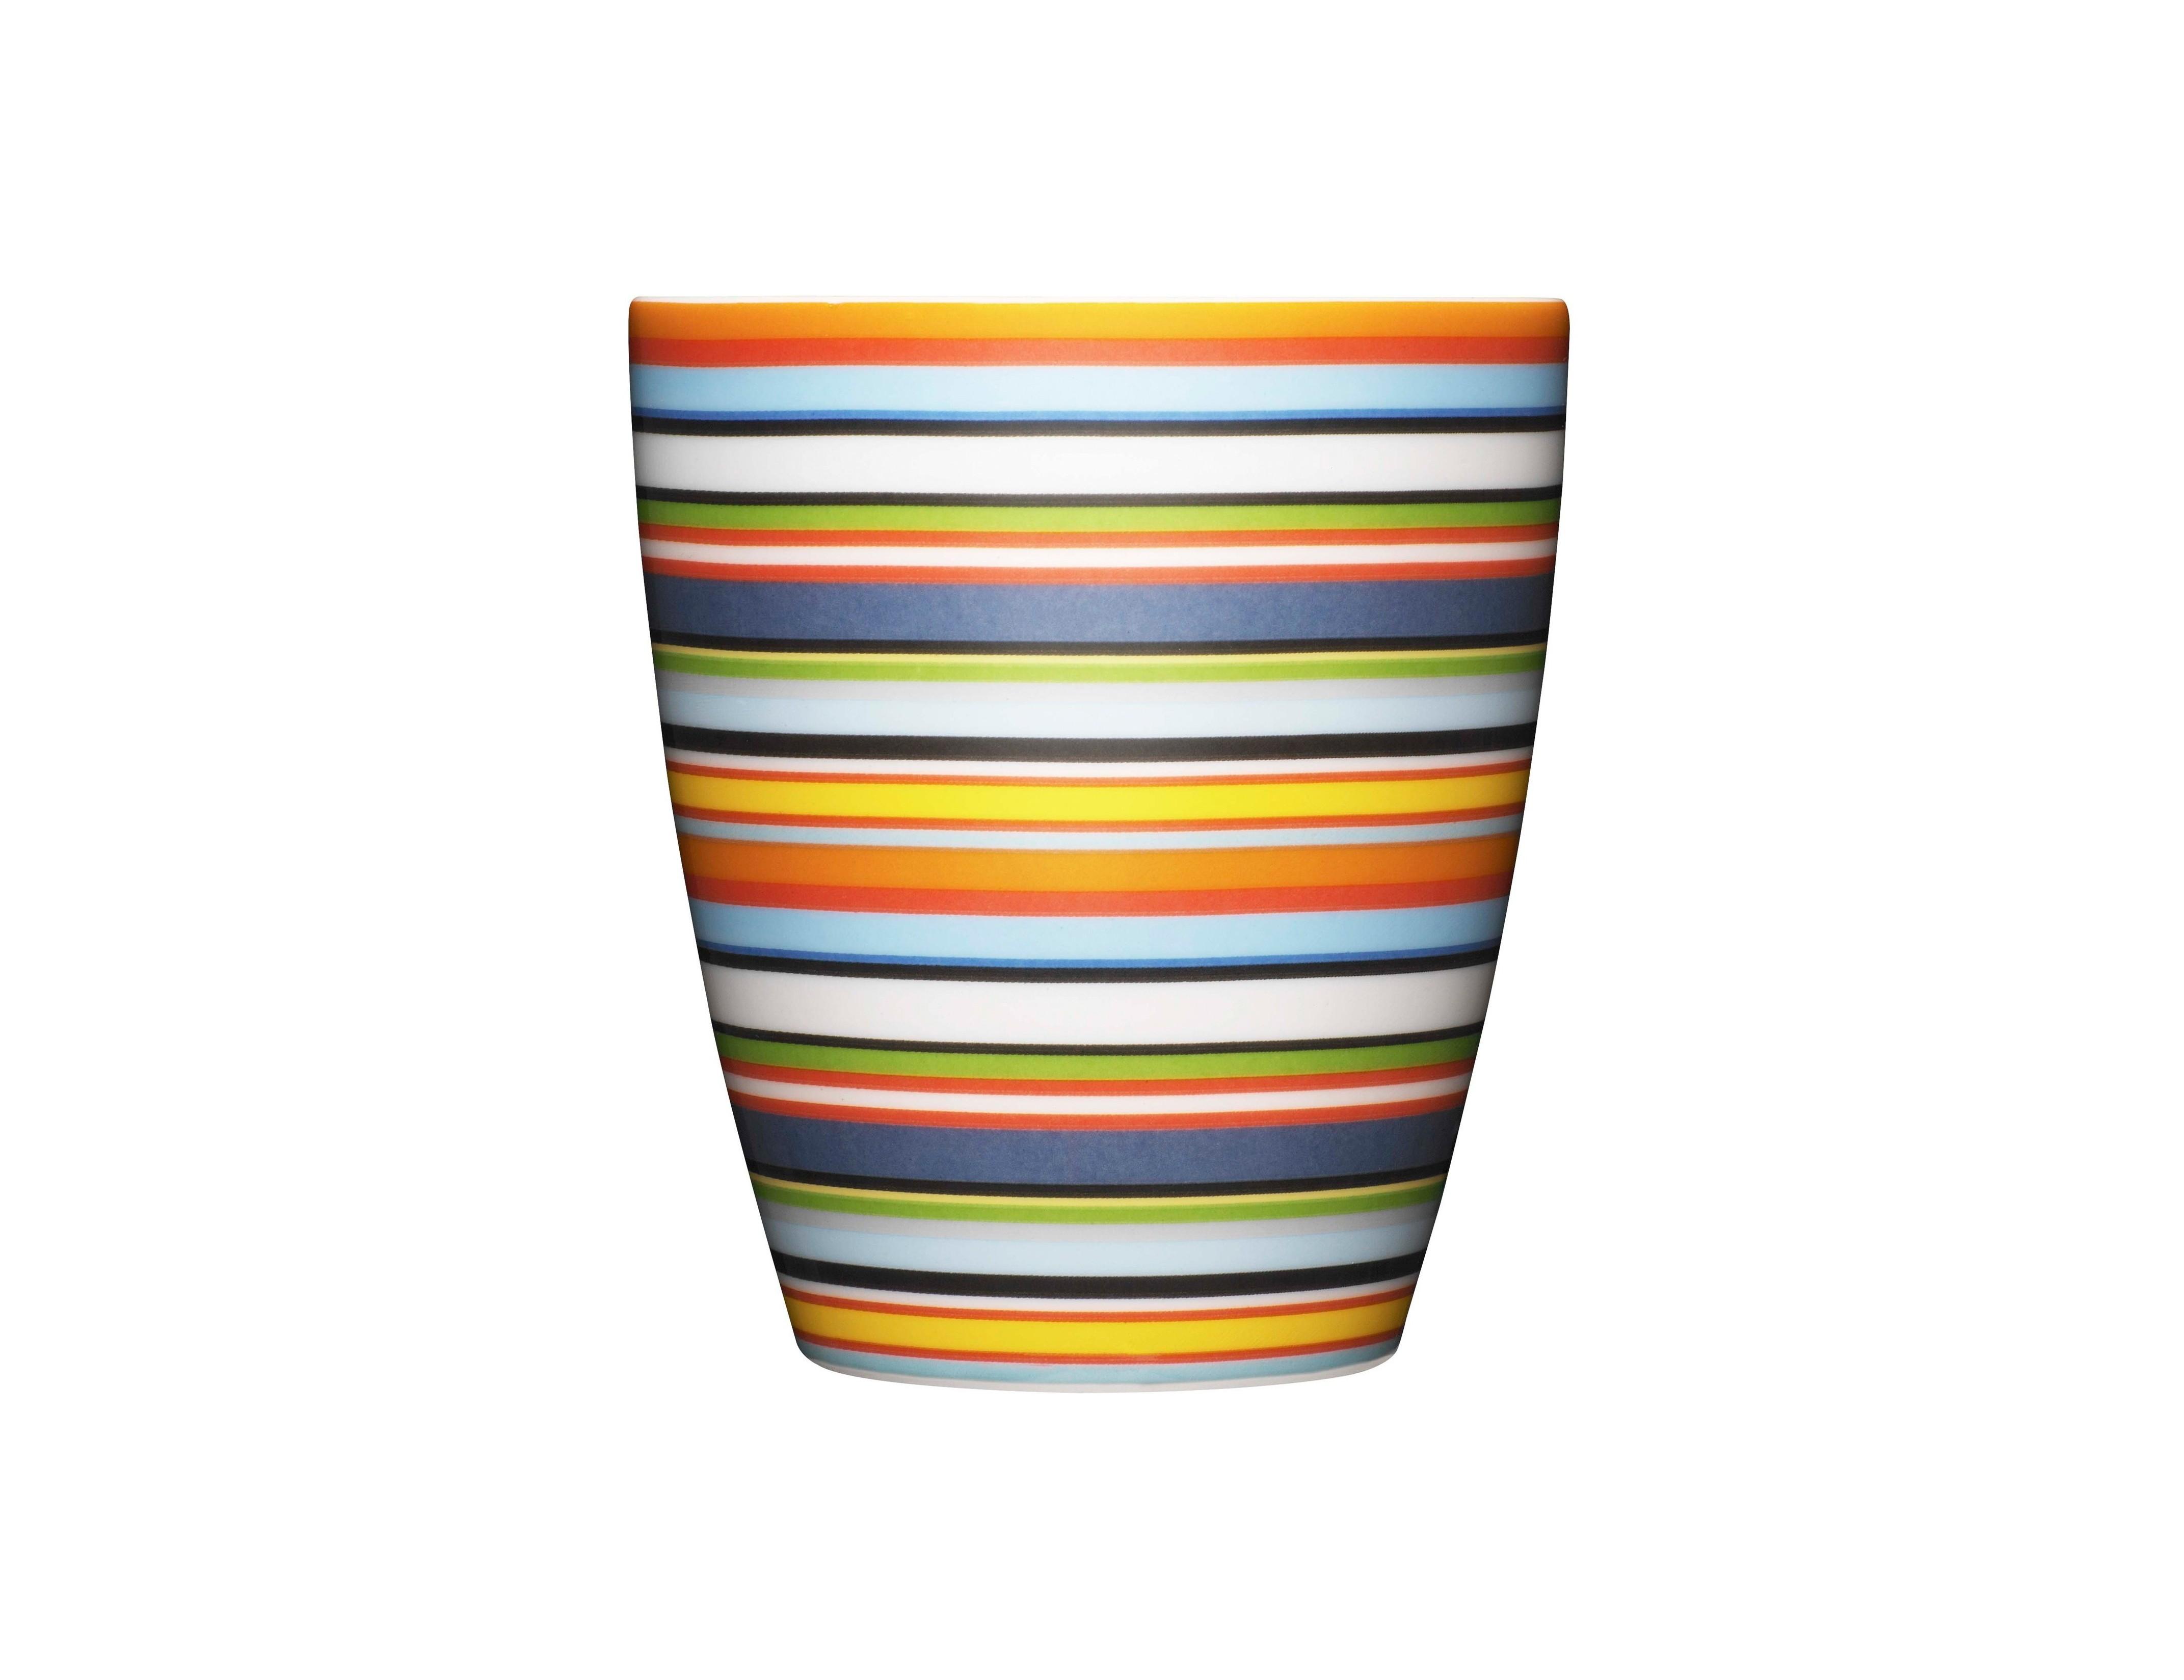 Чашка OrigoЧайные пары, чашки и кружки<br>Смелый полосатый рисунок посуды серии Origo будет свежо смотреться на любой кухне. Посуда прекрасно сочетается с посудой других серий Iittala и подходит для приёма любой пищи. Впервые серия вышла 1999 году и с того момента стала невероятно популярной во всем мире.&amp;amp;nbsp;<br><br>Material: Фарфор<br>Length см: None<br>Width см: None<br>Depth см: None<br>Height см: 9<br>Diameter см: 8